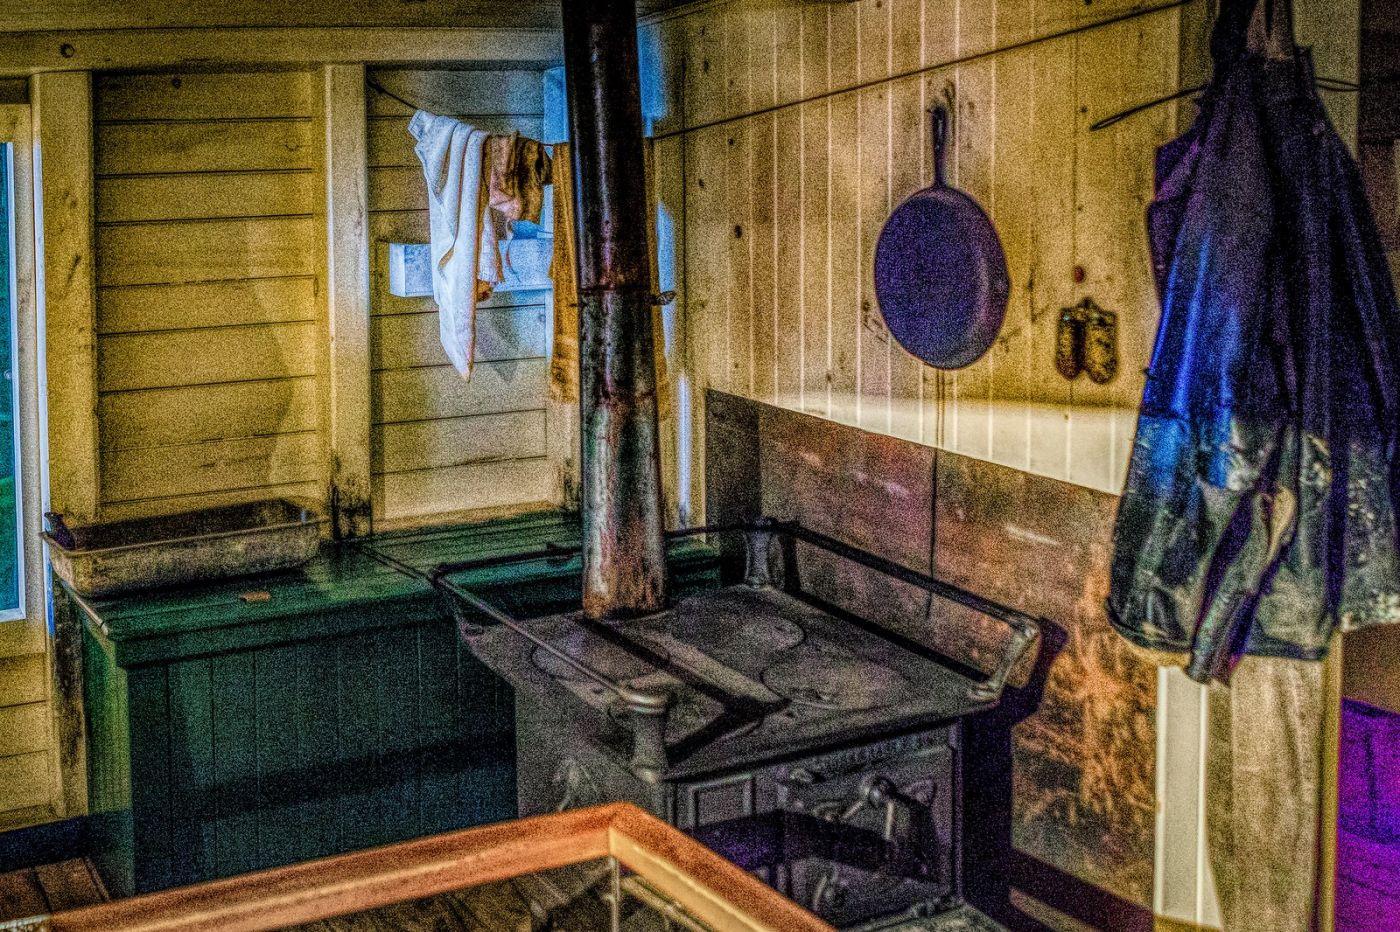 加拿大Halifax大西洋海事博物馆,展品丰富_图1-37